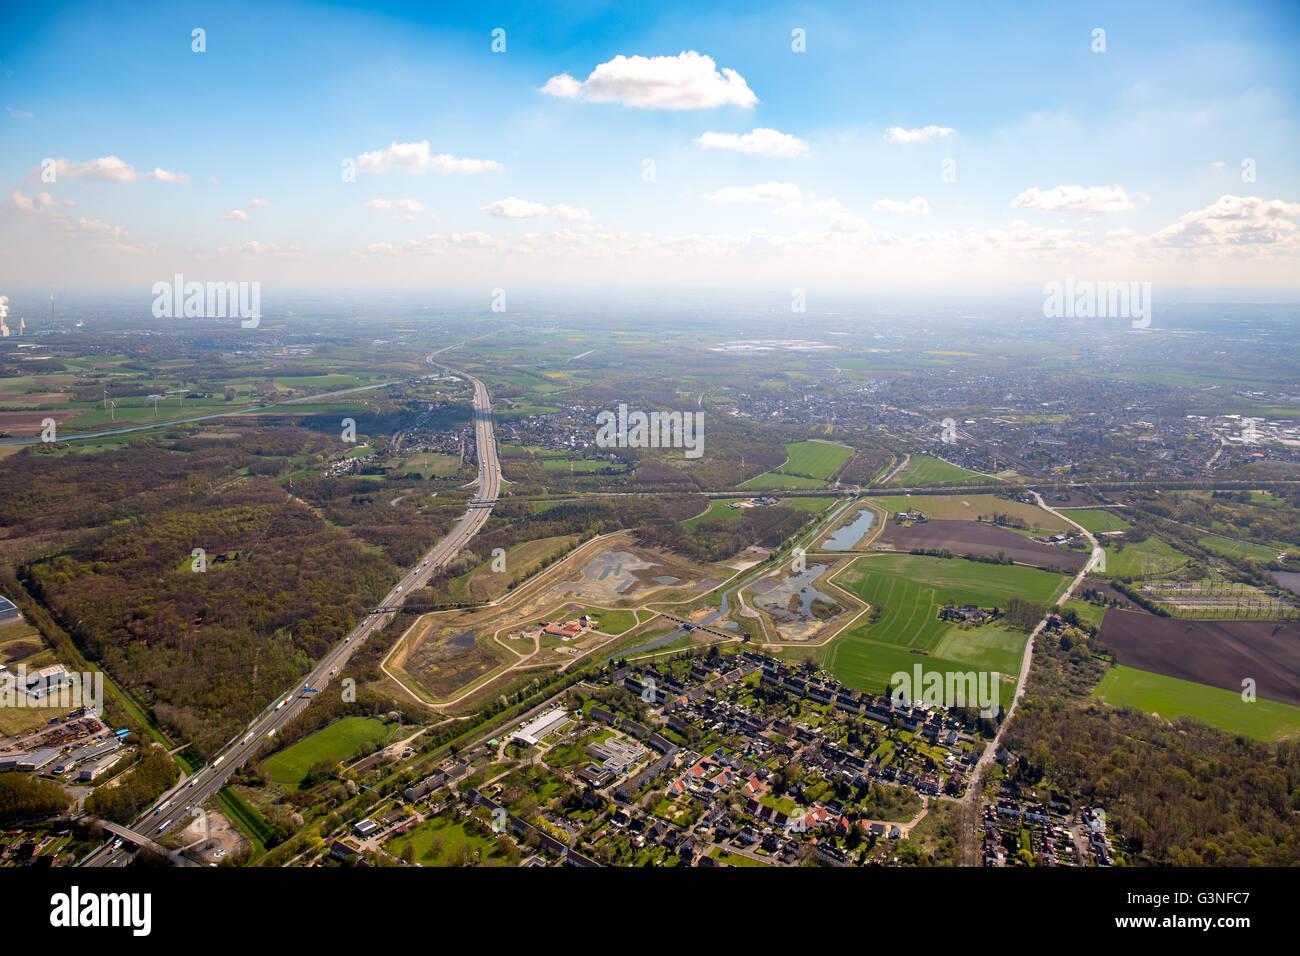 Vue aérienne, bassins de rétention des eaux de pluie l'Emscher dans quartier Mengede, gestion de l'eau, Photo Stock